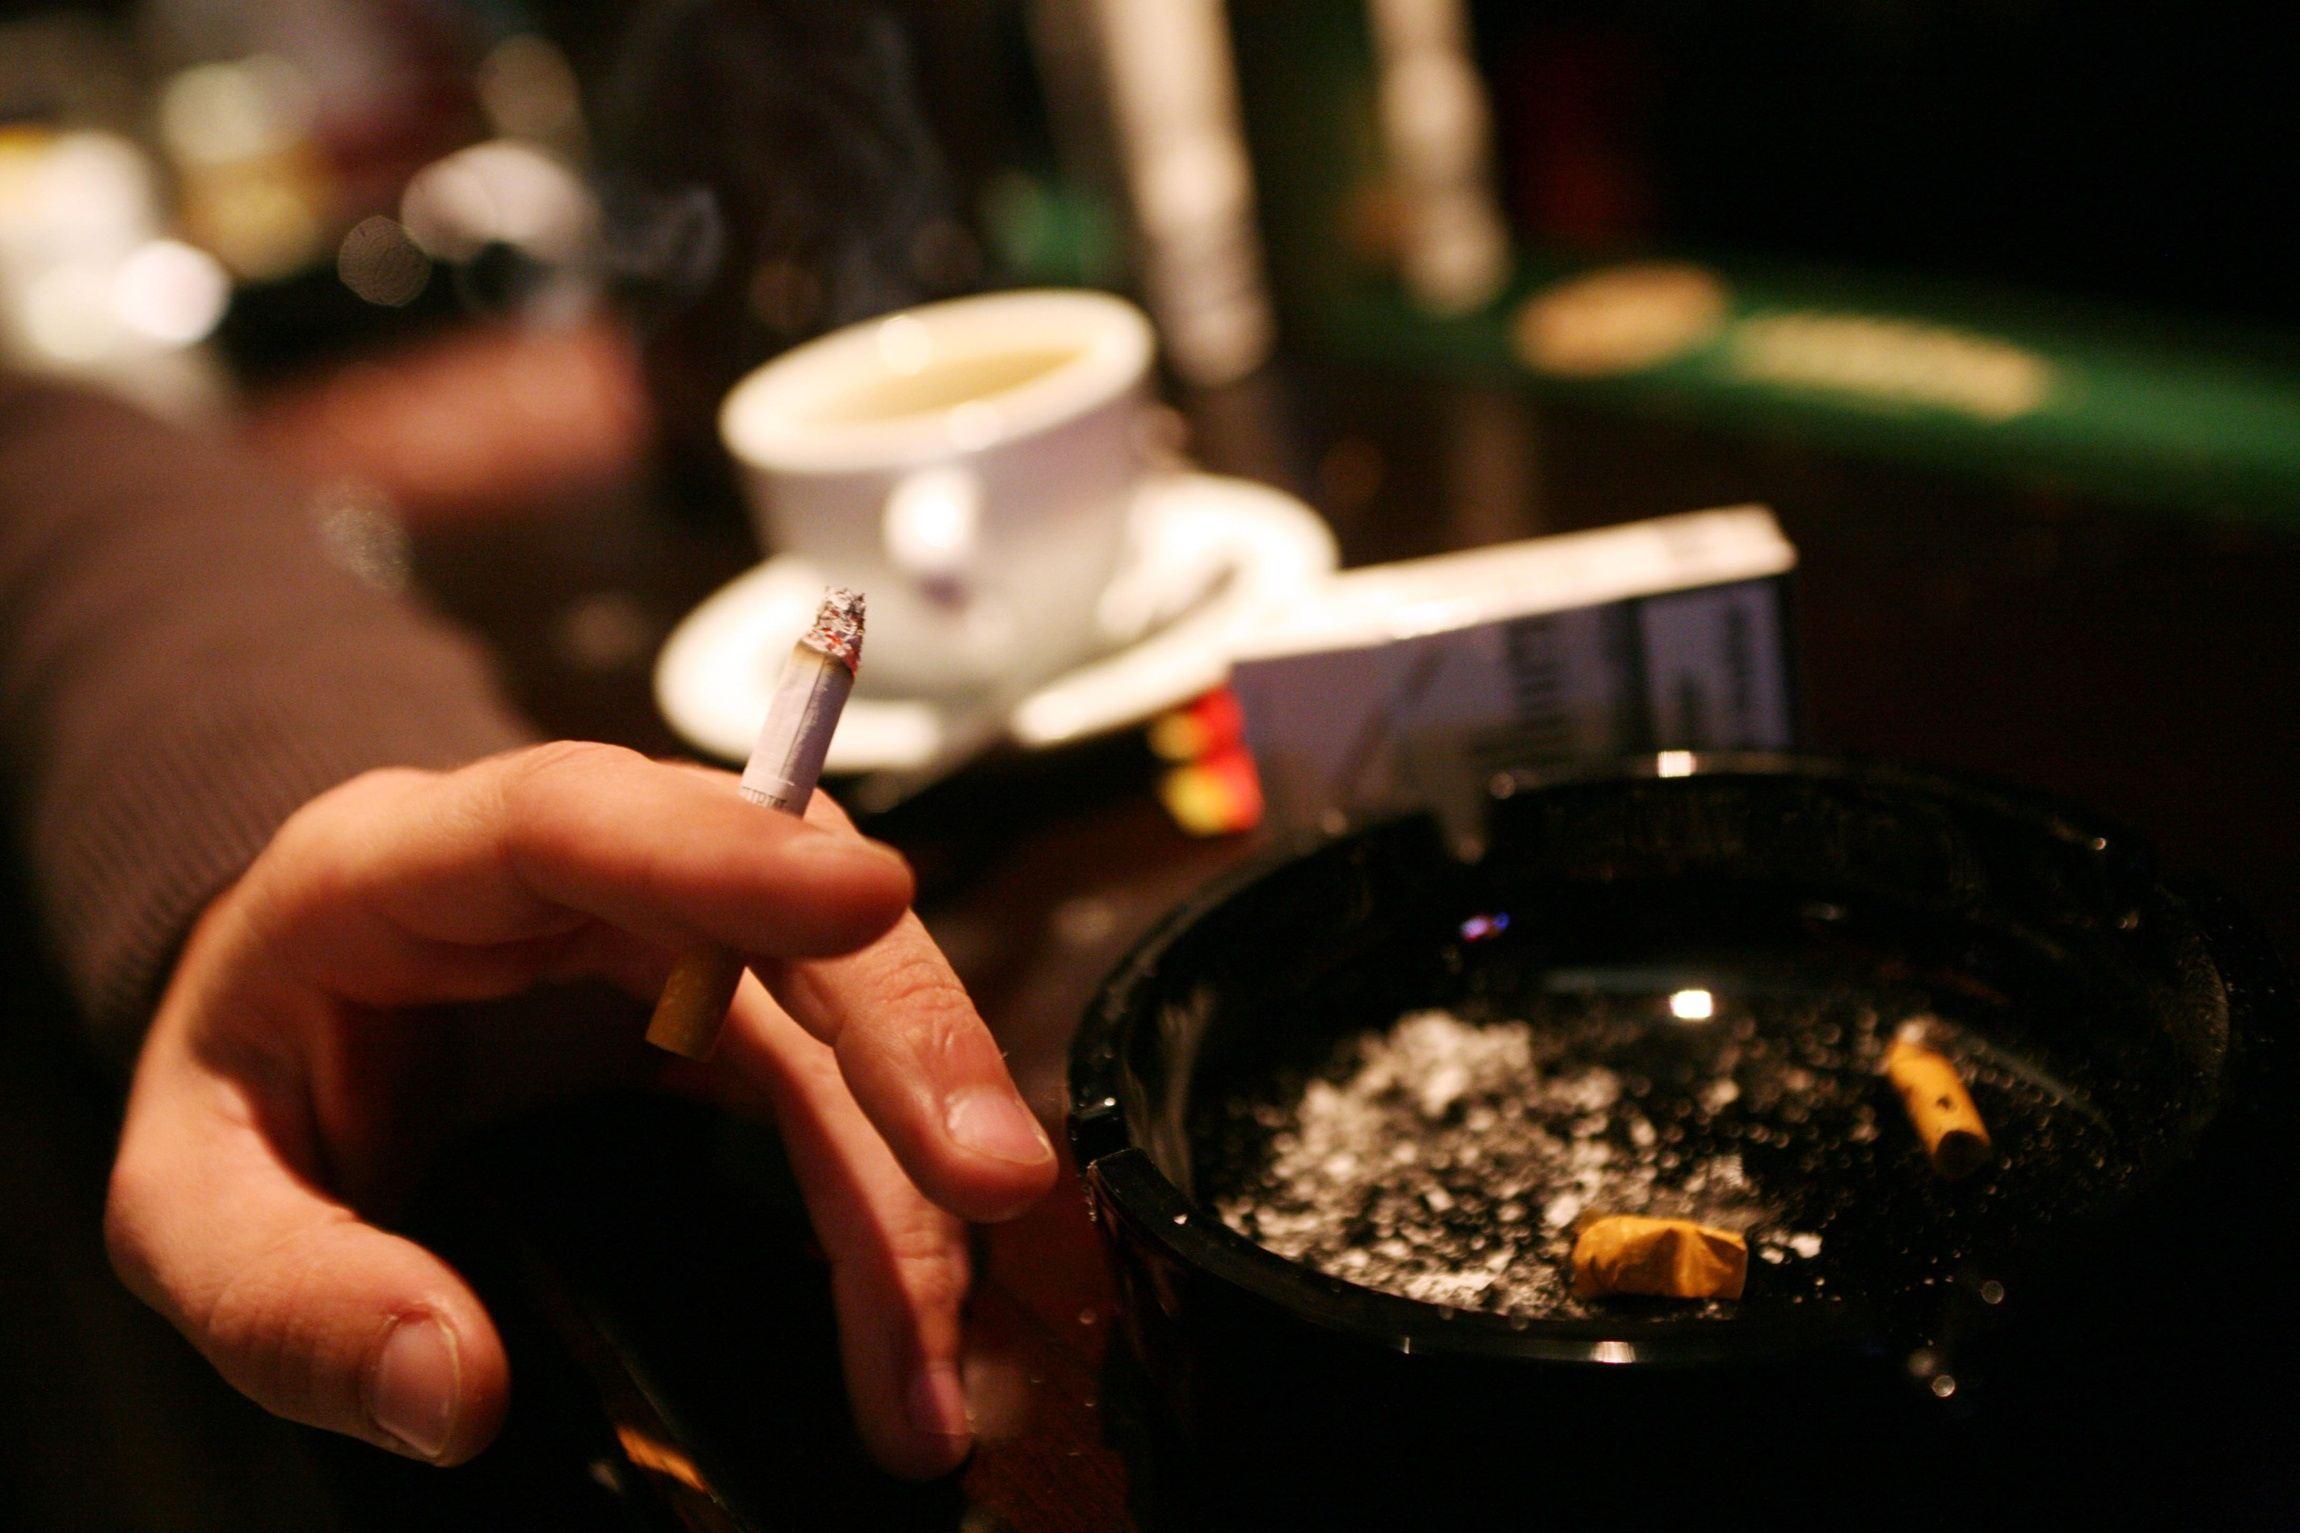 La solución para dejar de fumar podría ser la meditación, según estudio